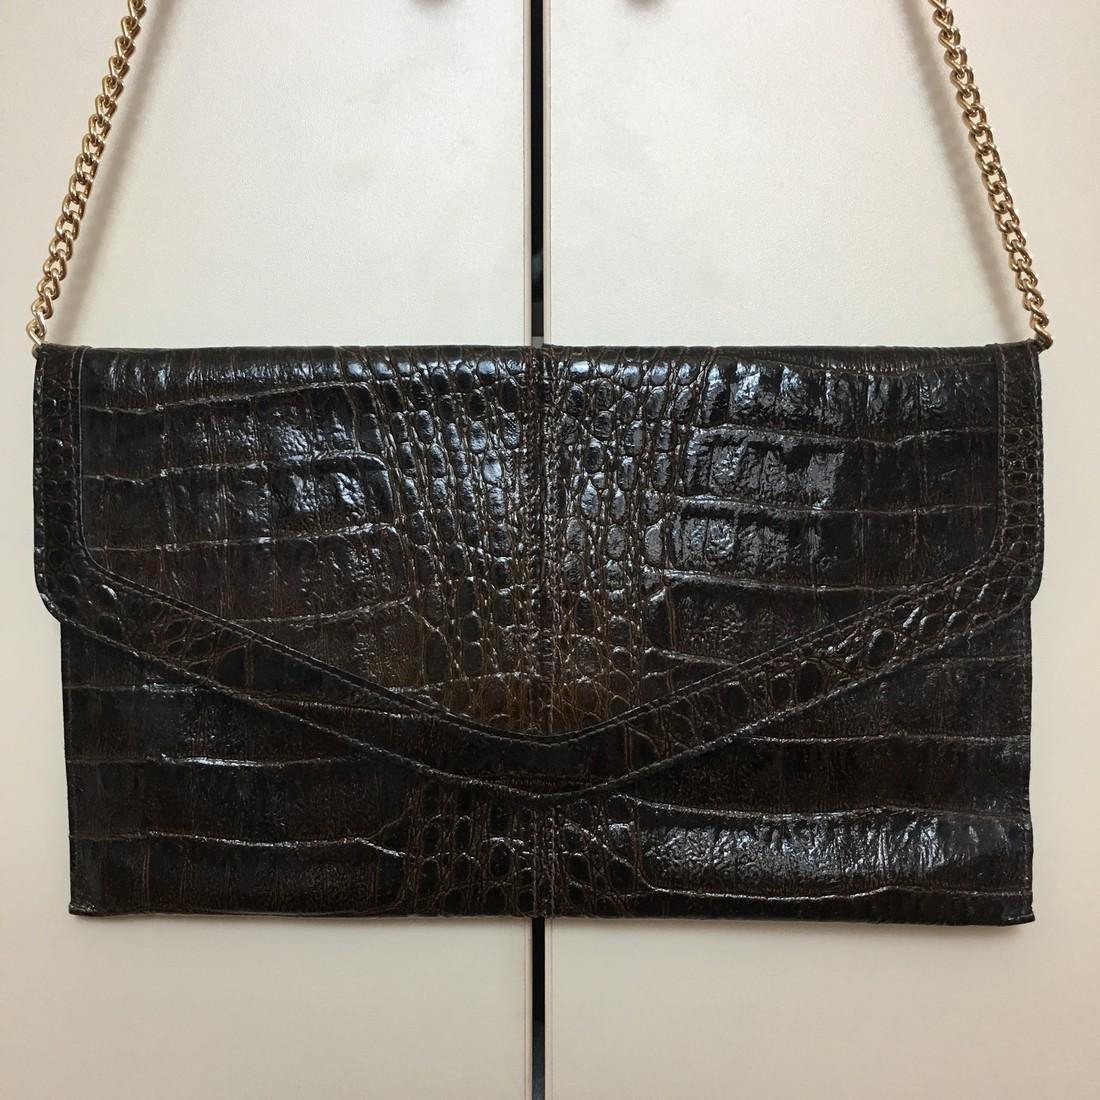 Vintage Real Alligator Leather Clutch Bag